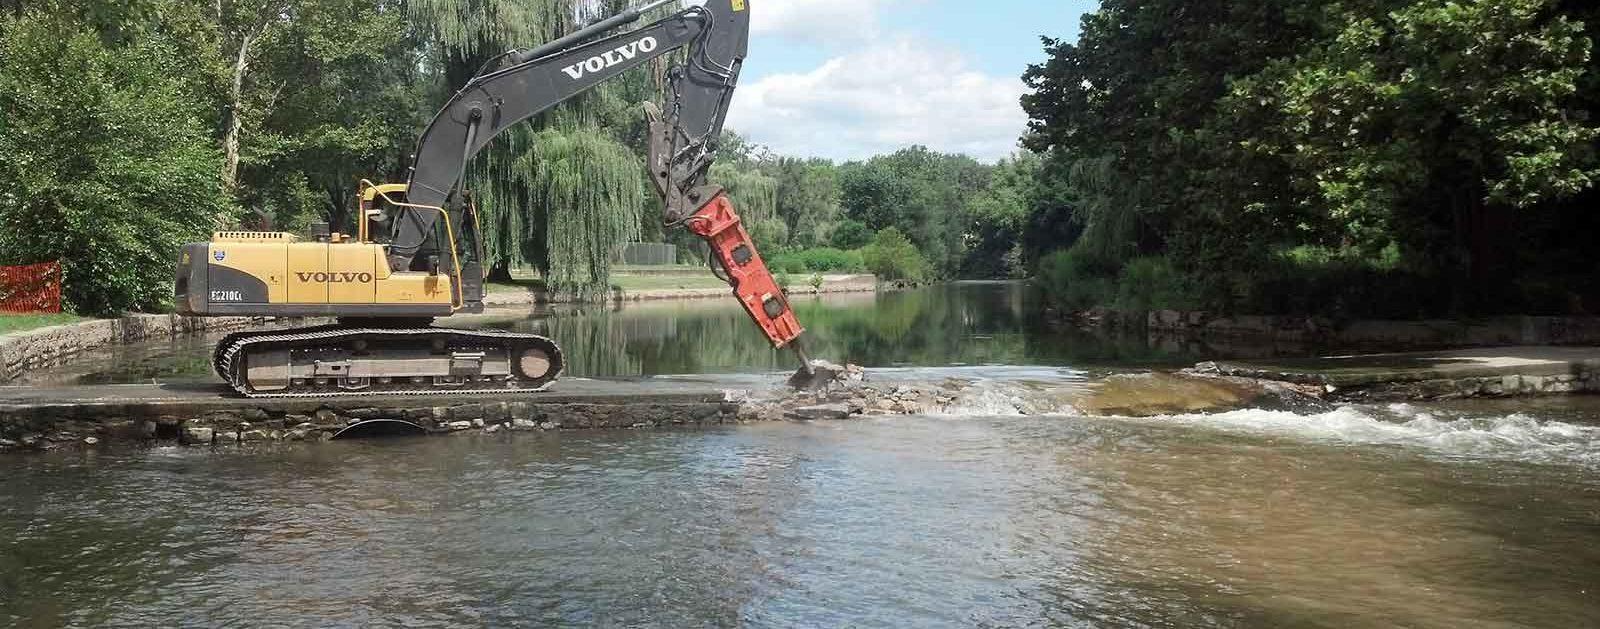 Jordan Park Dam removal on Jordan Creek in Allentown, PA   Laura Craig